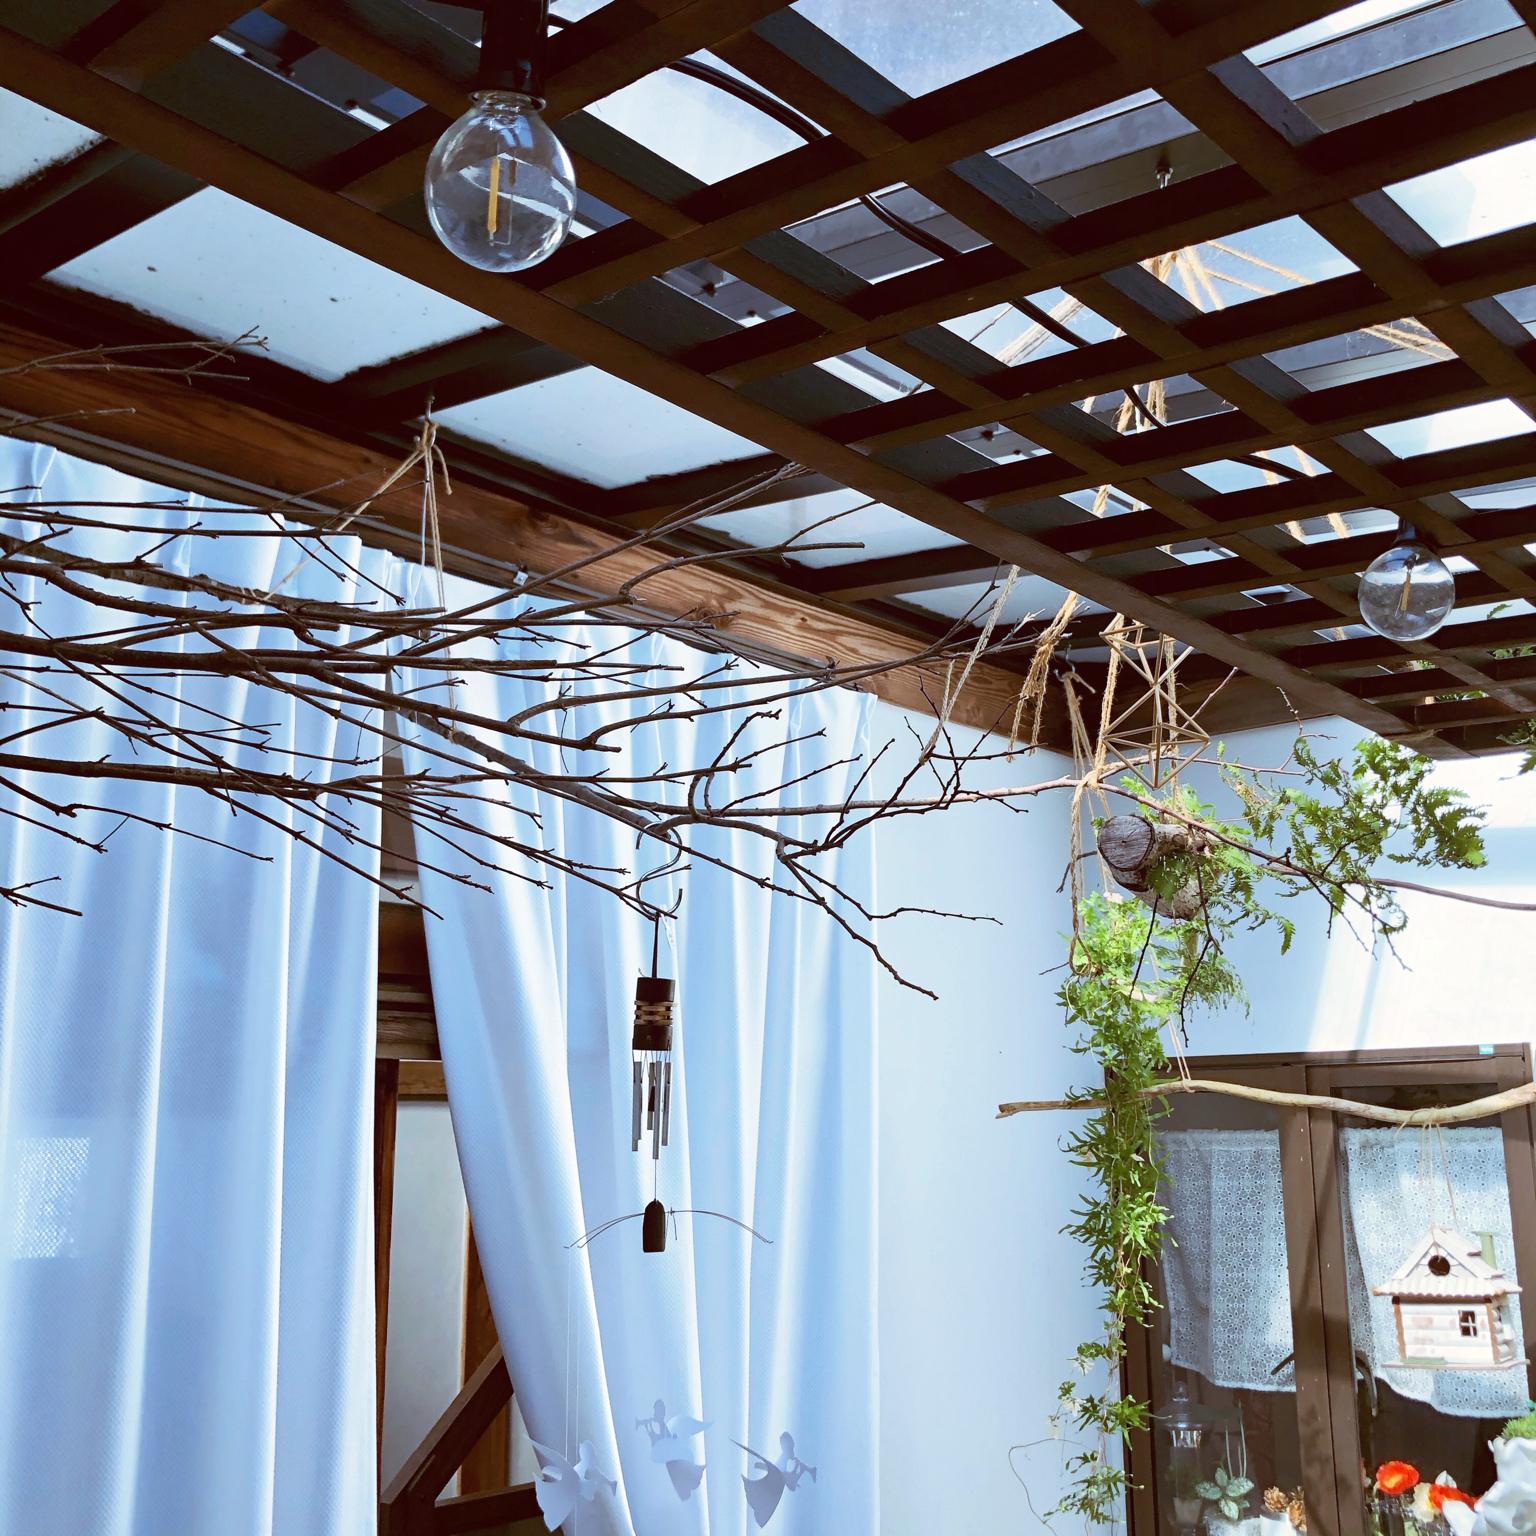 グリーン天井を夢みて/サンルーム/壁/天井のインテリア実例 - 2021-04-23 08:35:59